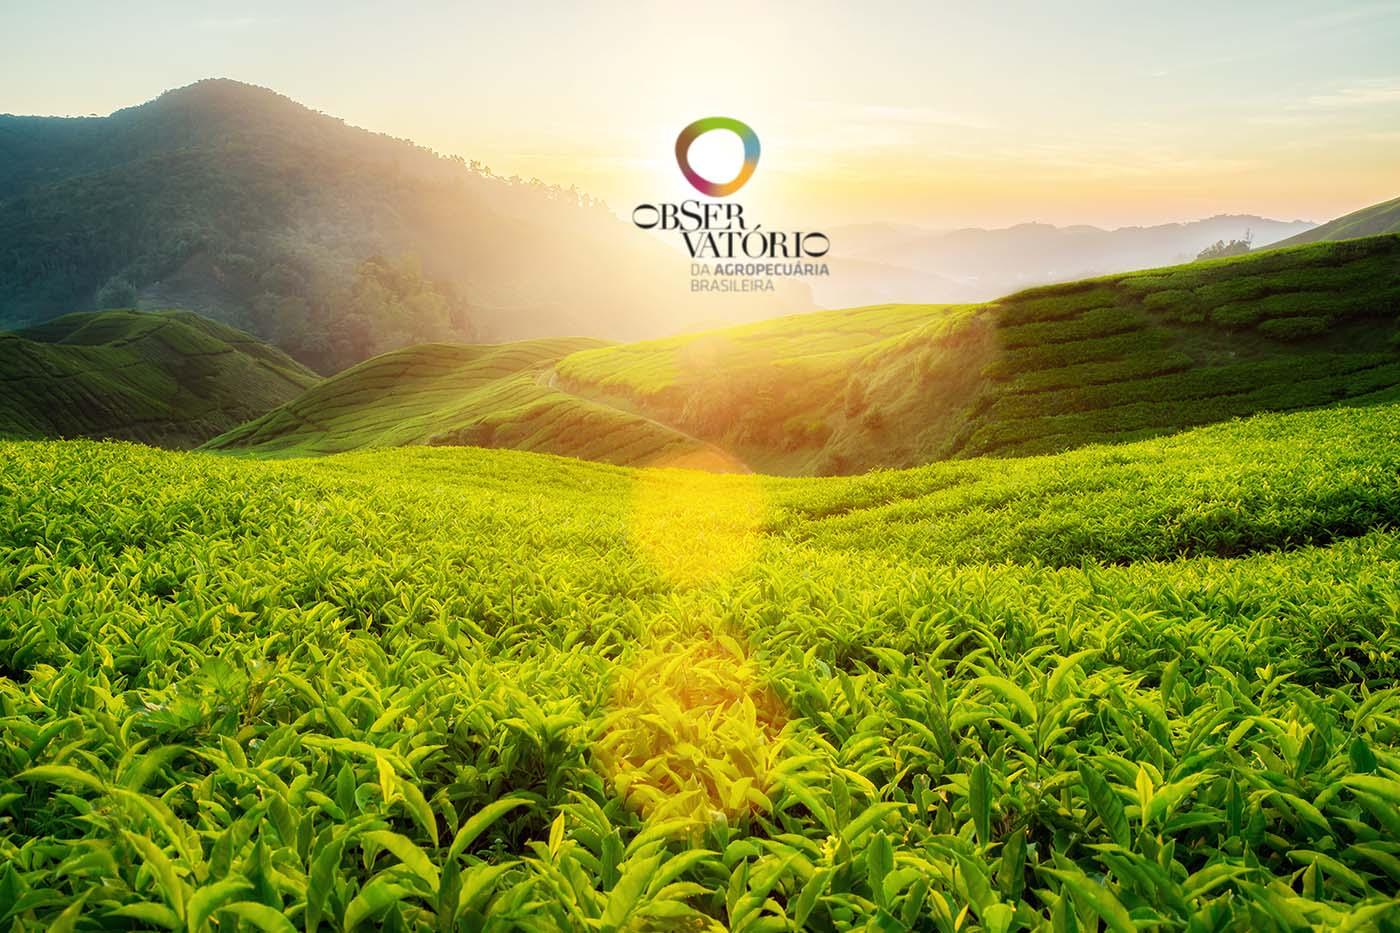 Conheça o Observatório da Agricultura Brasileira!